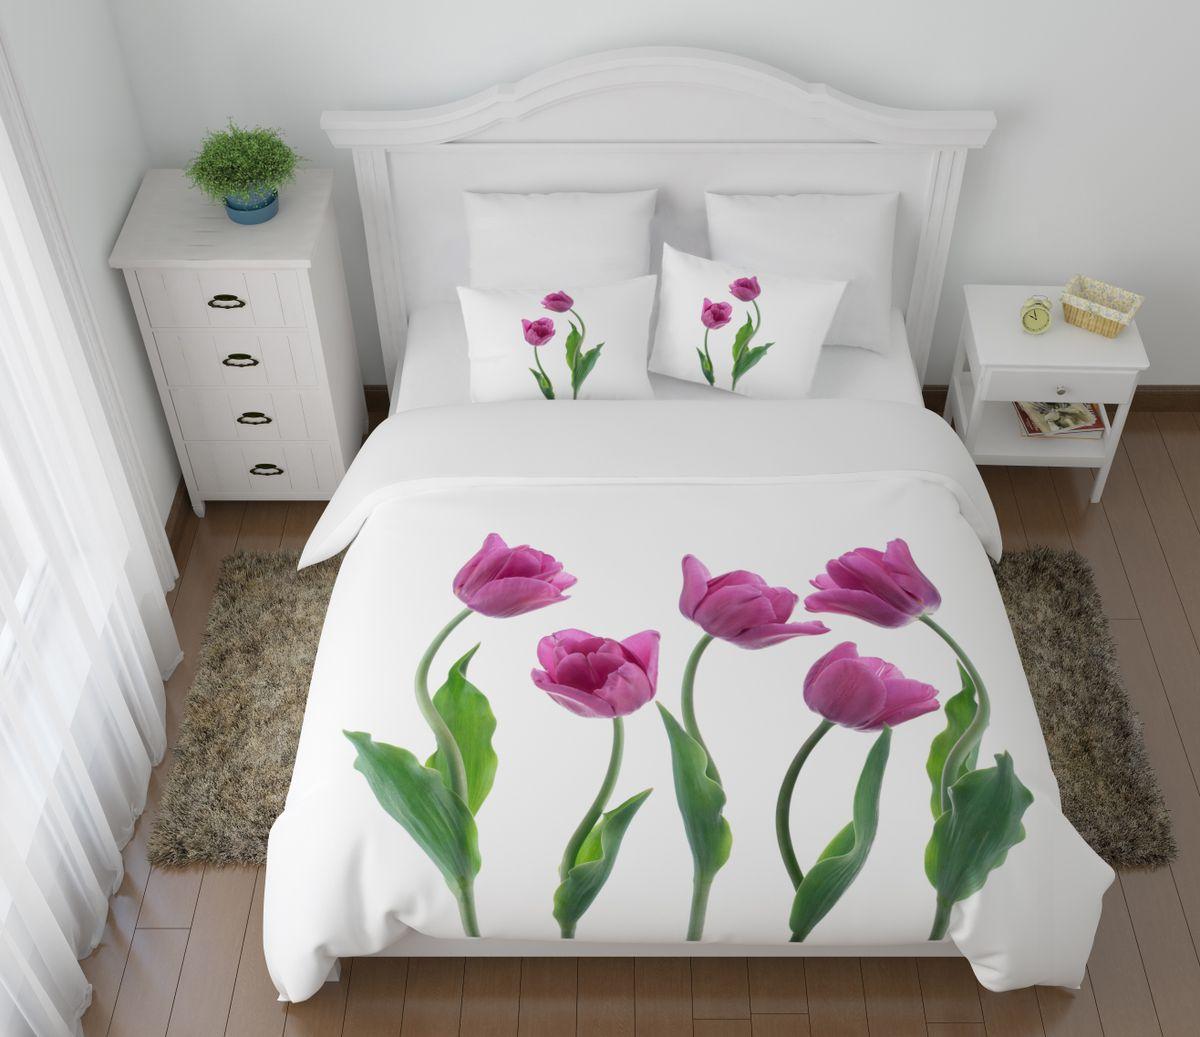 Комплект белья Сирень Крупные тюльпаны, 2-спальный, наволочки 50х7008479-КПБ2-МКомплект постельного белья Сирень выполнен из прочной и мягкой ткани. Четкий и стильный рисунок в сочетании с насыщенными красками делают комплект постельного белья неповторимой изюминкой любого интерьера.Постельное белье идеально подойдет для подарка. Идеальное соотношение смешенной ткани и гипоаллергенных красок - это гарантия здорового, спокойного сна. Ткань хорошо впитывает влагу, надолго сохраняет яркость красок.В комплект входят: простынь, пододеяльник, две наволочки. Постельное белье легко стирать при 30-40°С, гладить при 150°С, не отбеливать. Рекомендуется перед первым использованием постирать.УВАЖАЕМЫЕ КЛИЕНТЫ! Обращаем ваше внимание, что цвет простыни, пододеяльника, наволочки в комплектации может немного отличаться от представленного на фото.